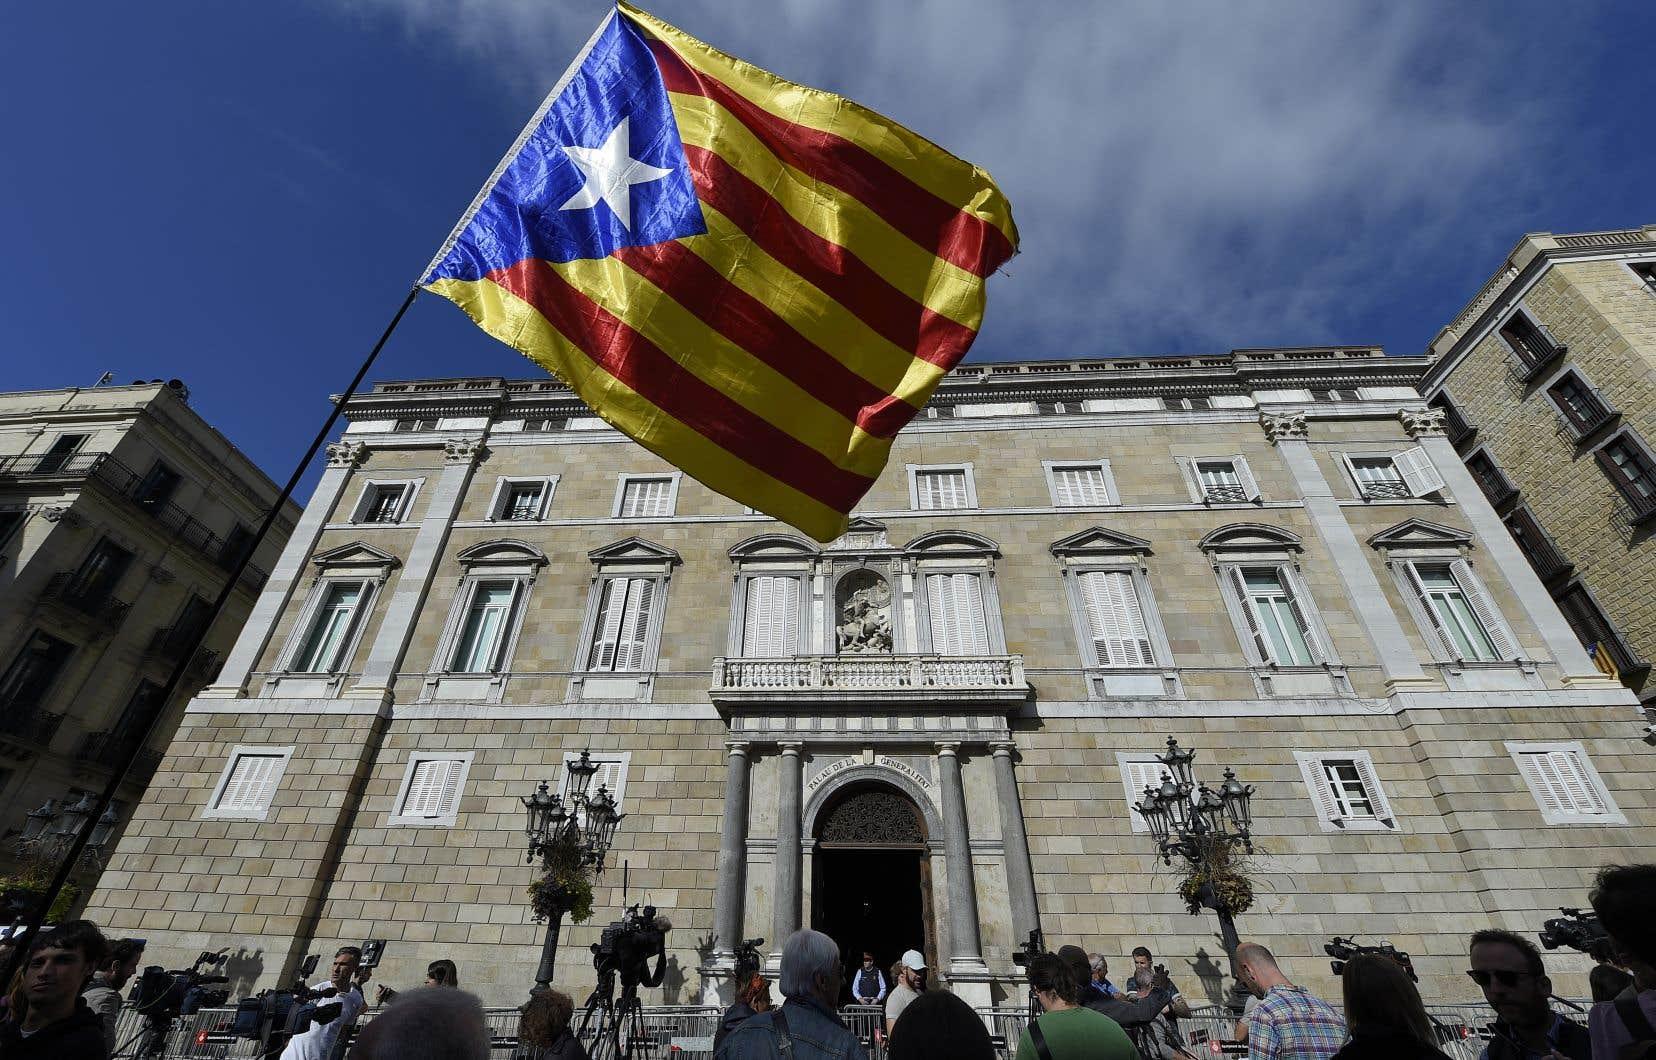 Un homme fait flotter le drapeau aux couleurs de l'indépendance catalane devant le palais de la Généralité, siège de l'exécutif, lundi matin.